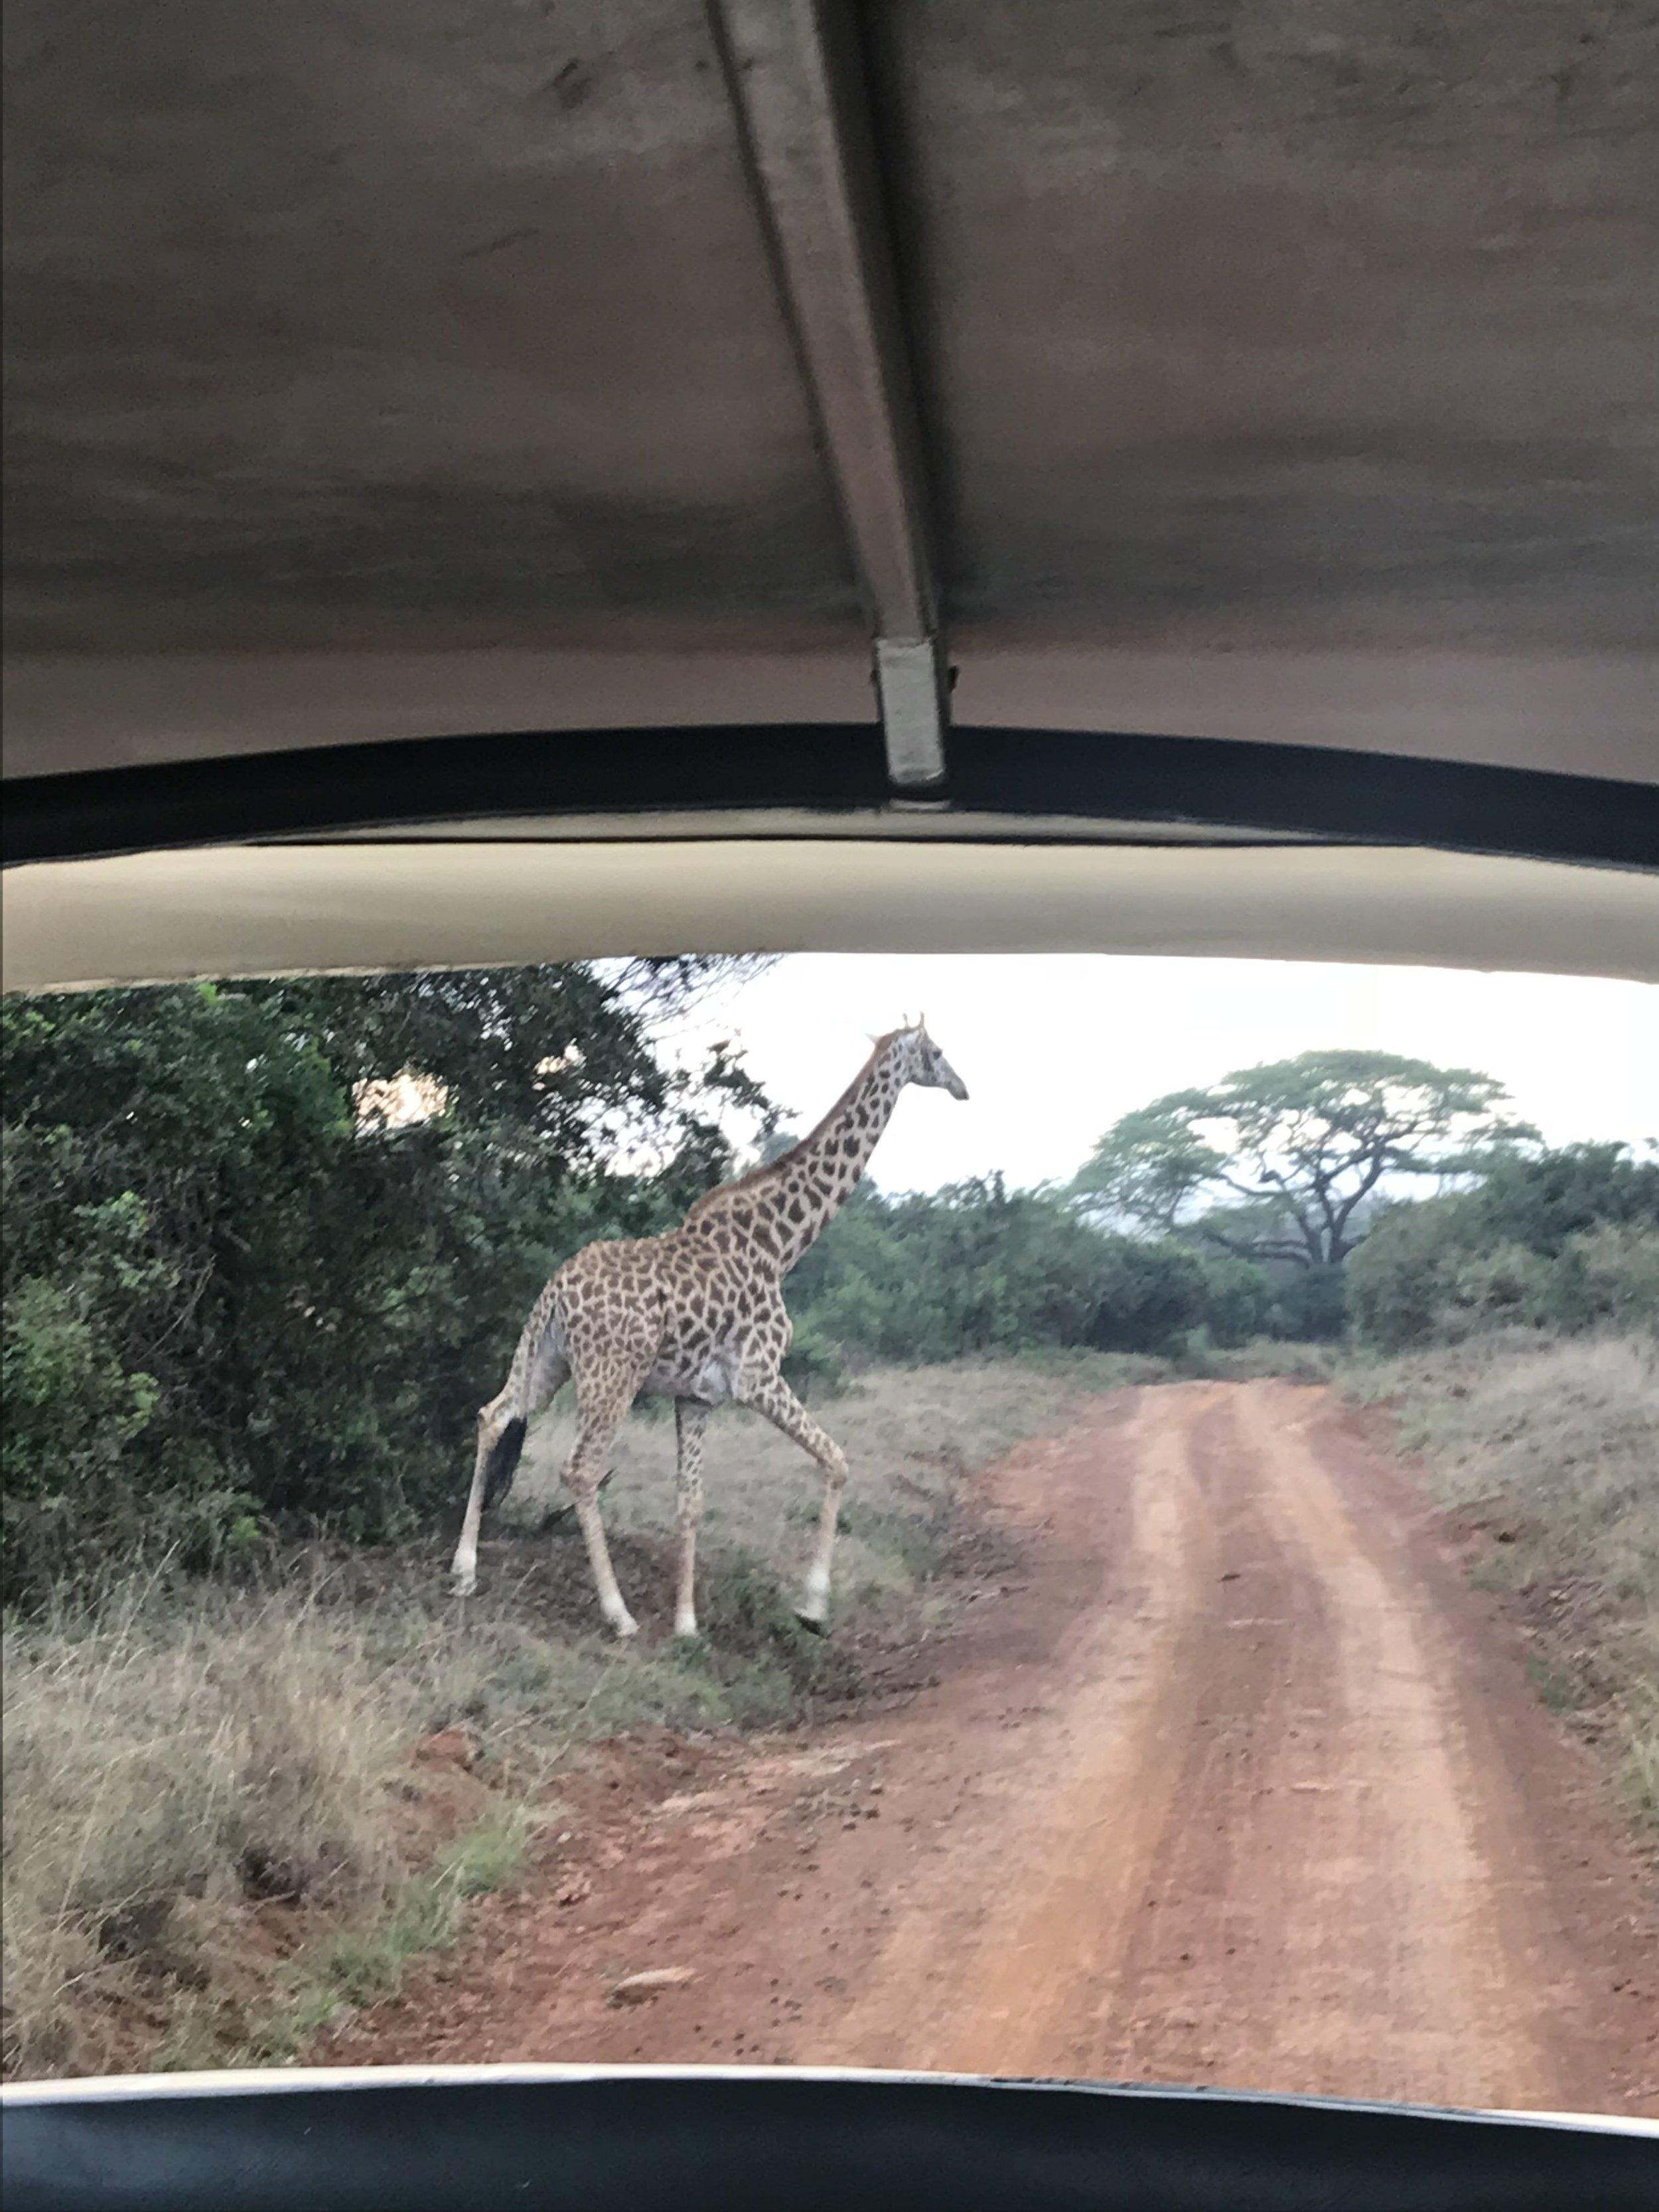 No big deal, just a giraffe crossing the road.